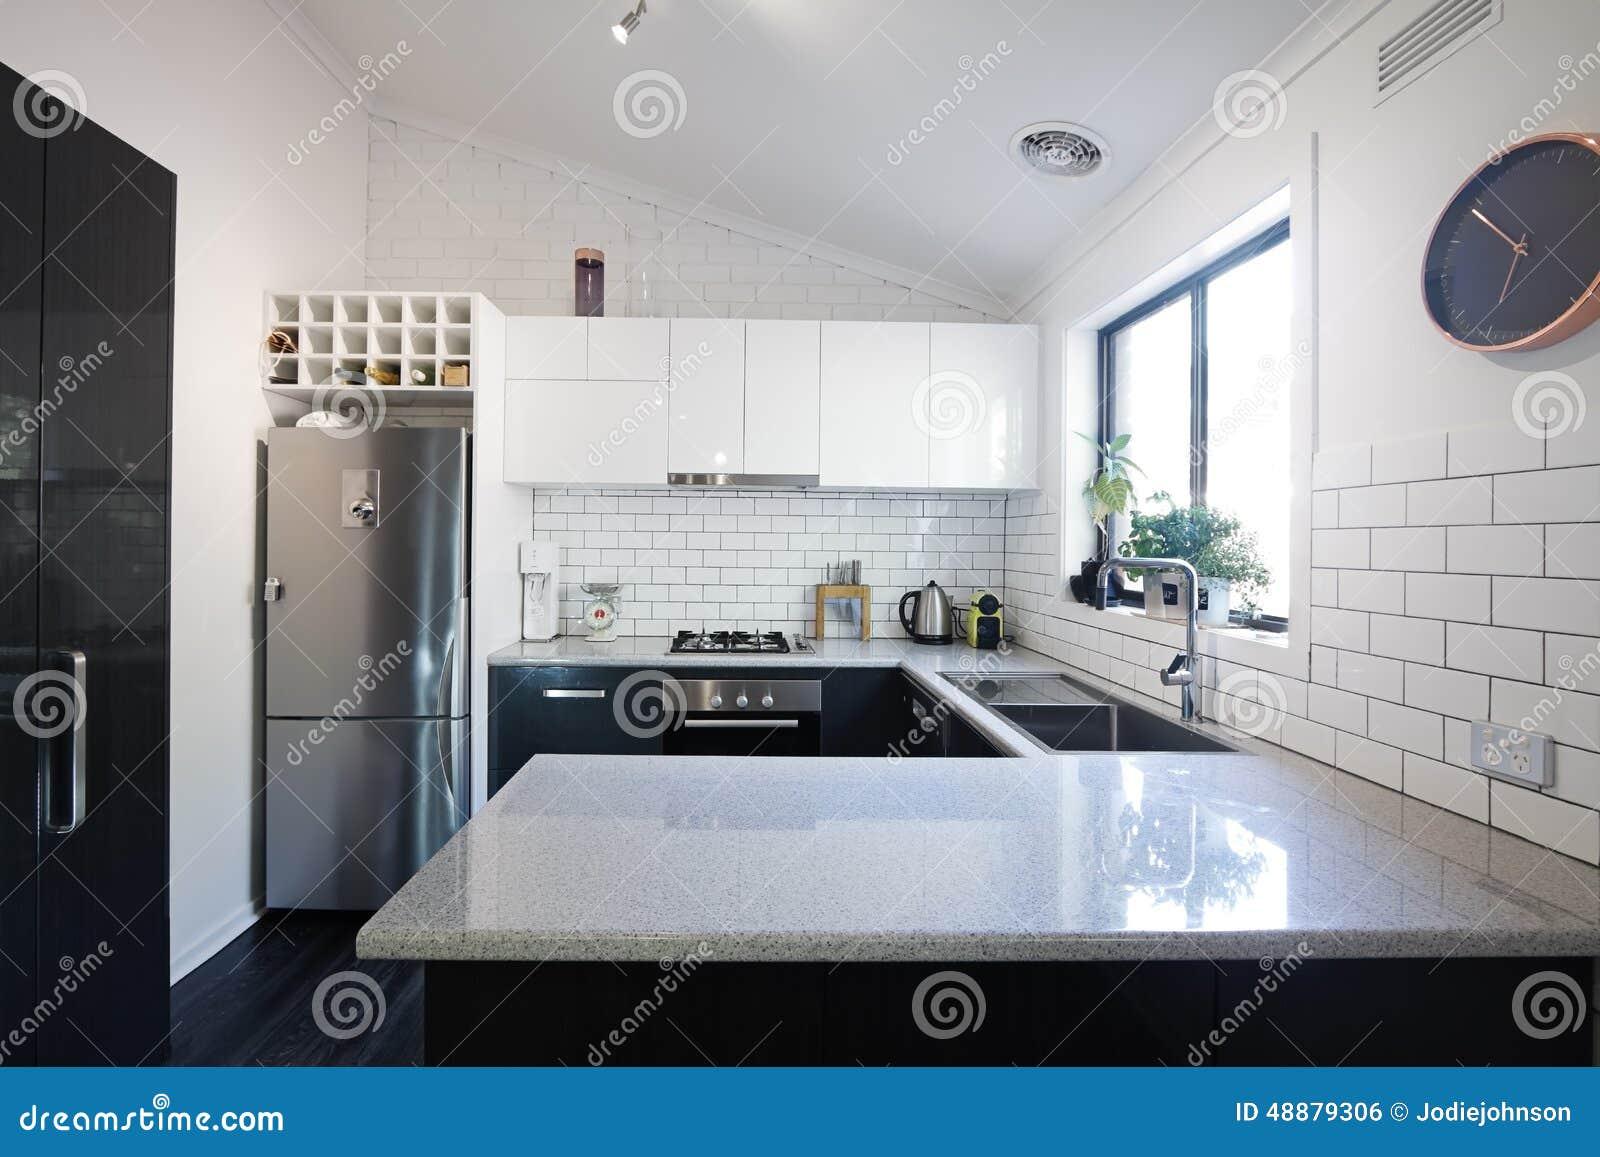 Nieuwe zwart witte eigentijdse keuken met metrotegels stock foto beeld 48879306 - Eigentijdse design keuken ...